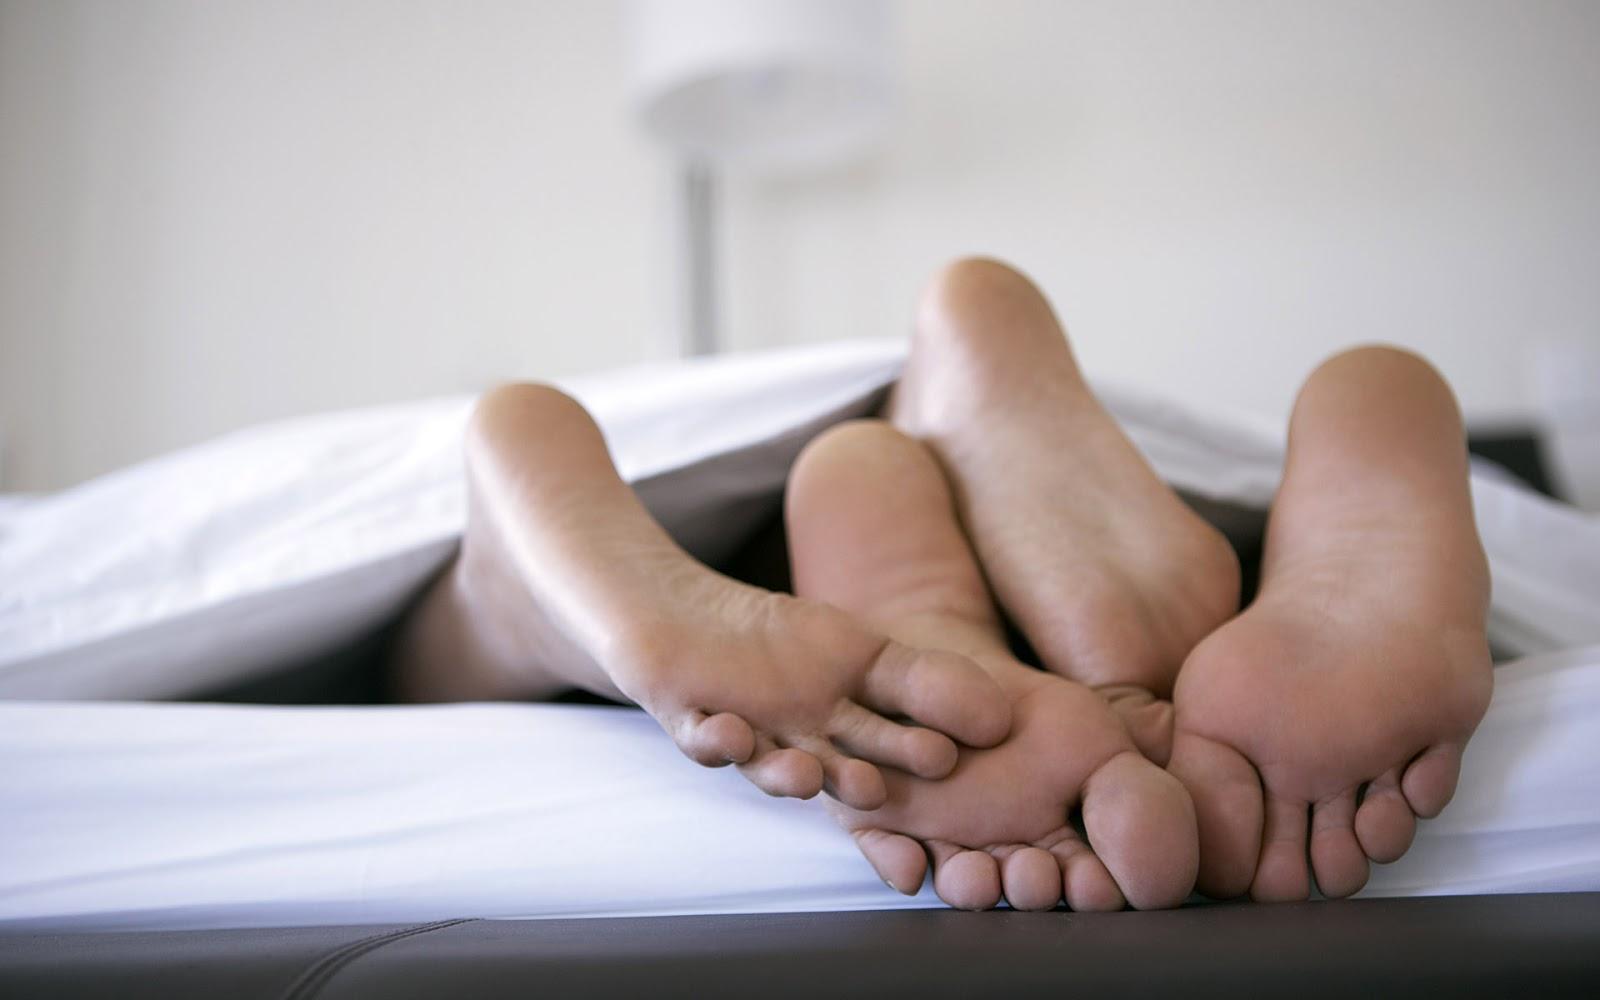 Анальный секс с женой в христианстве